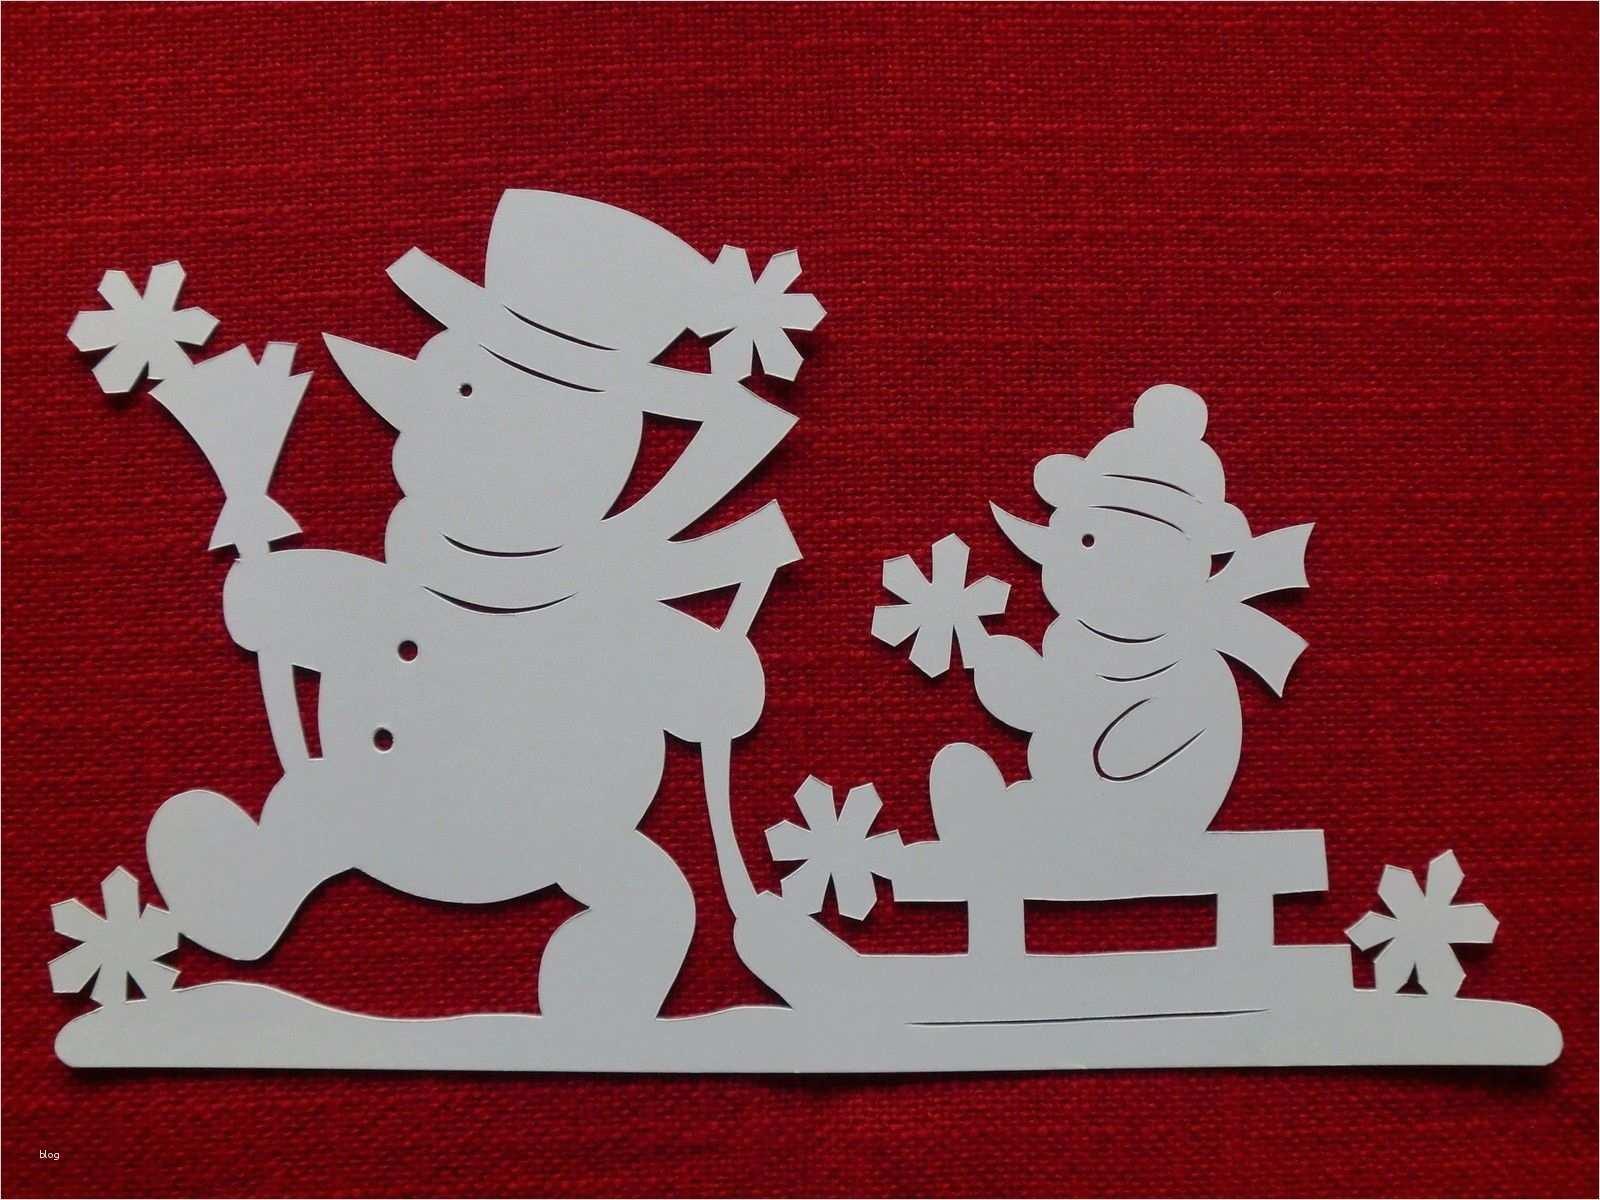 dekupiersäge vorlagen weihnachten inspiration schneemann